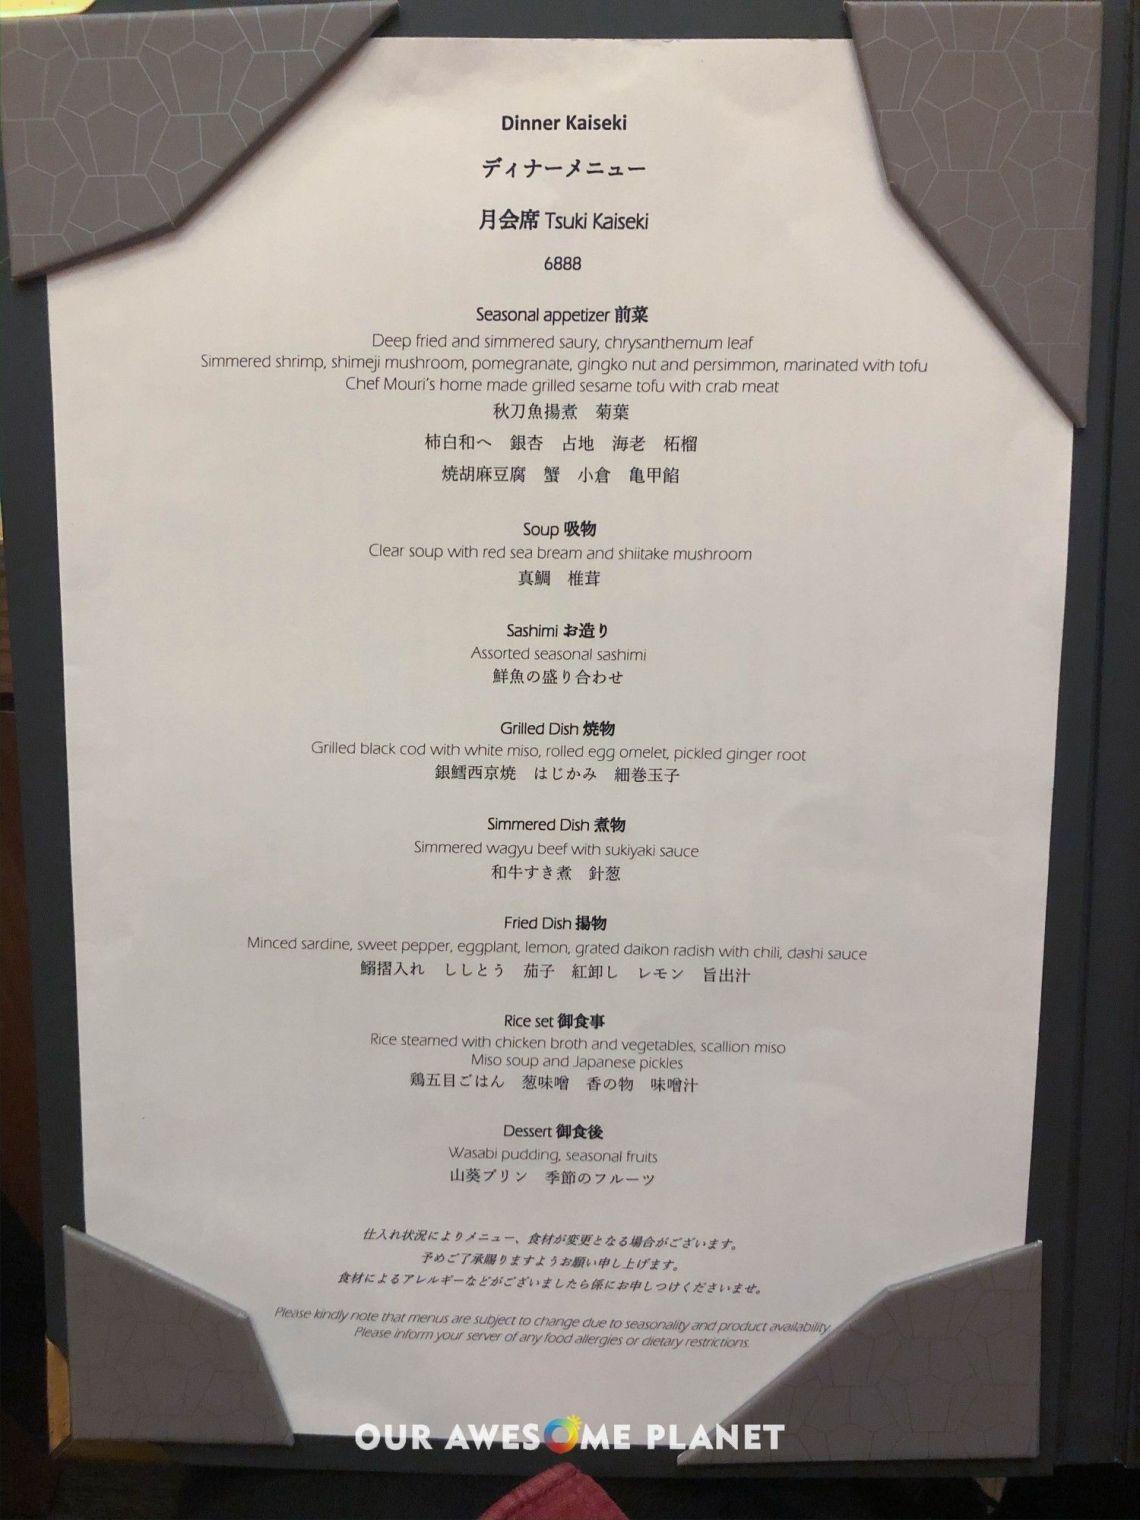 Dinner Kaiseki